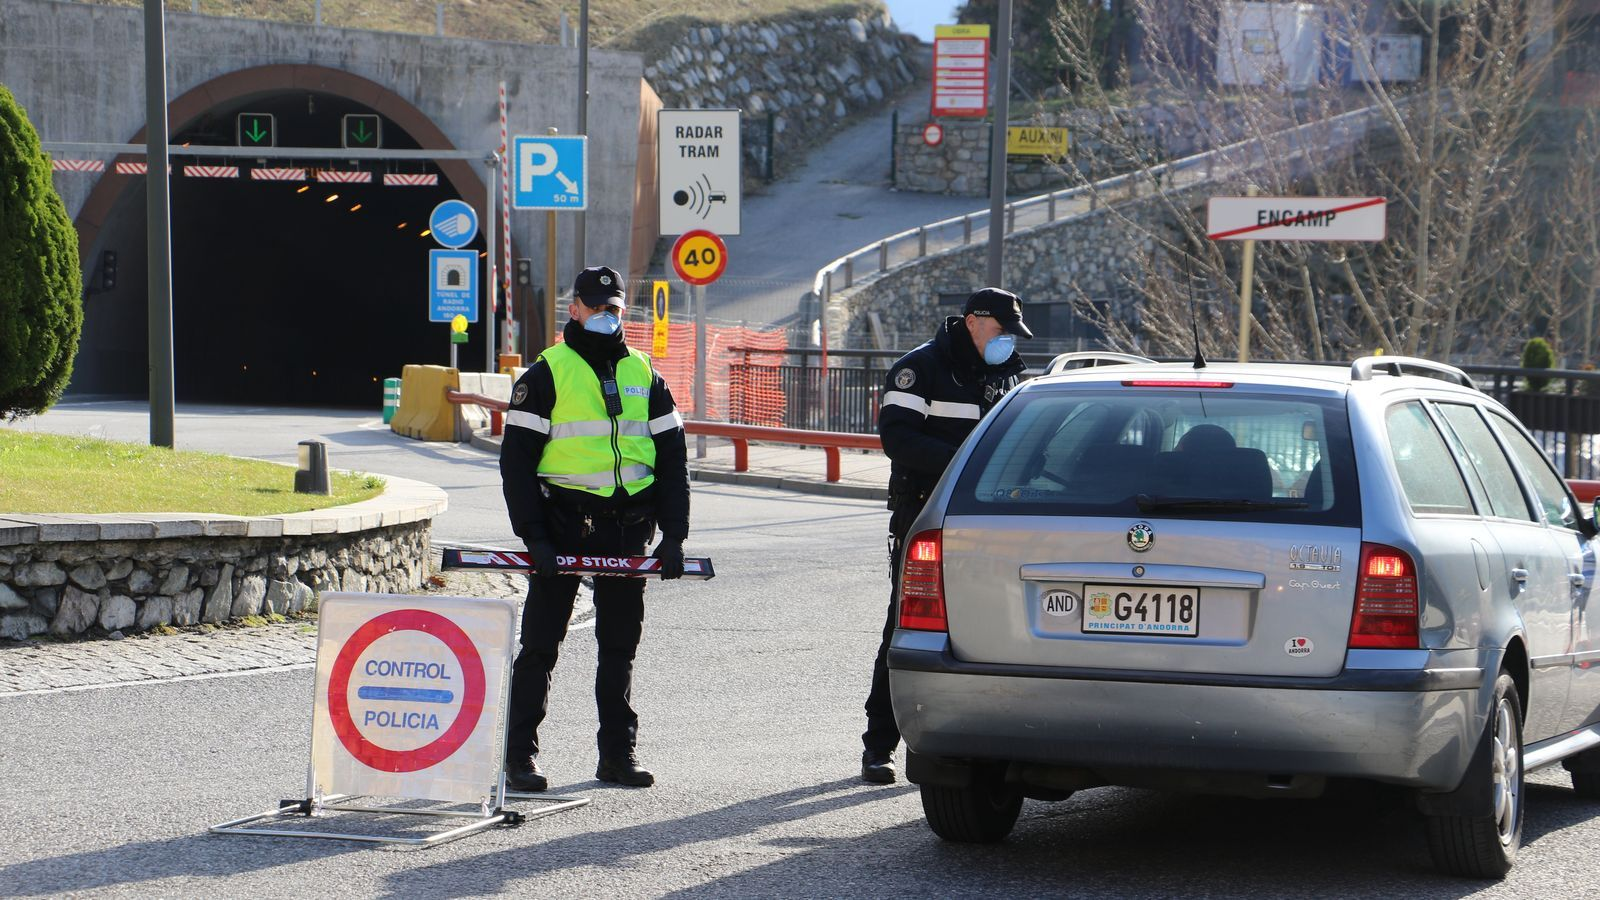 Un control policial vigila qui s'ha saltat el confinament. / ÀLEX MENDOZA